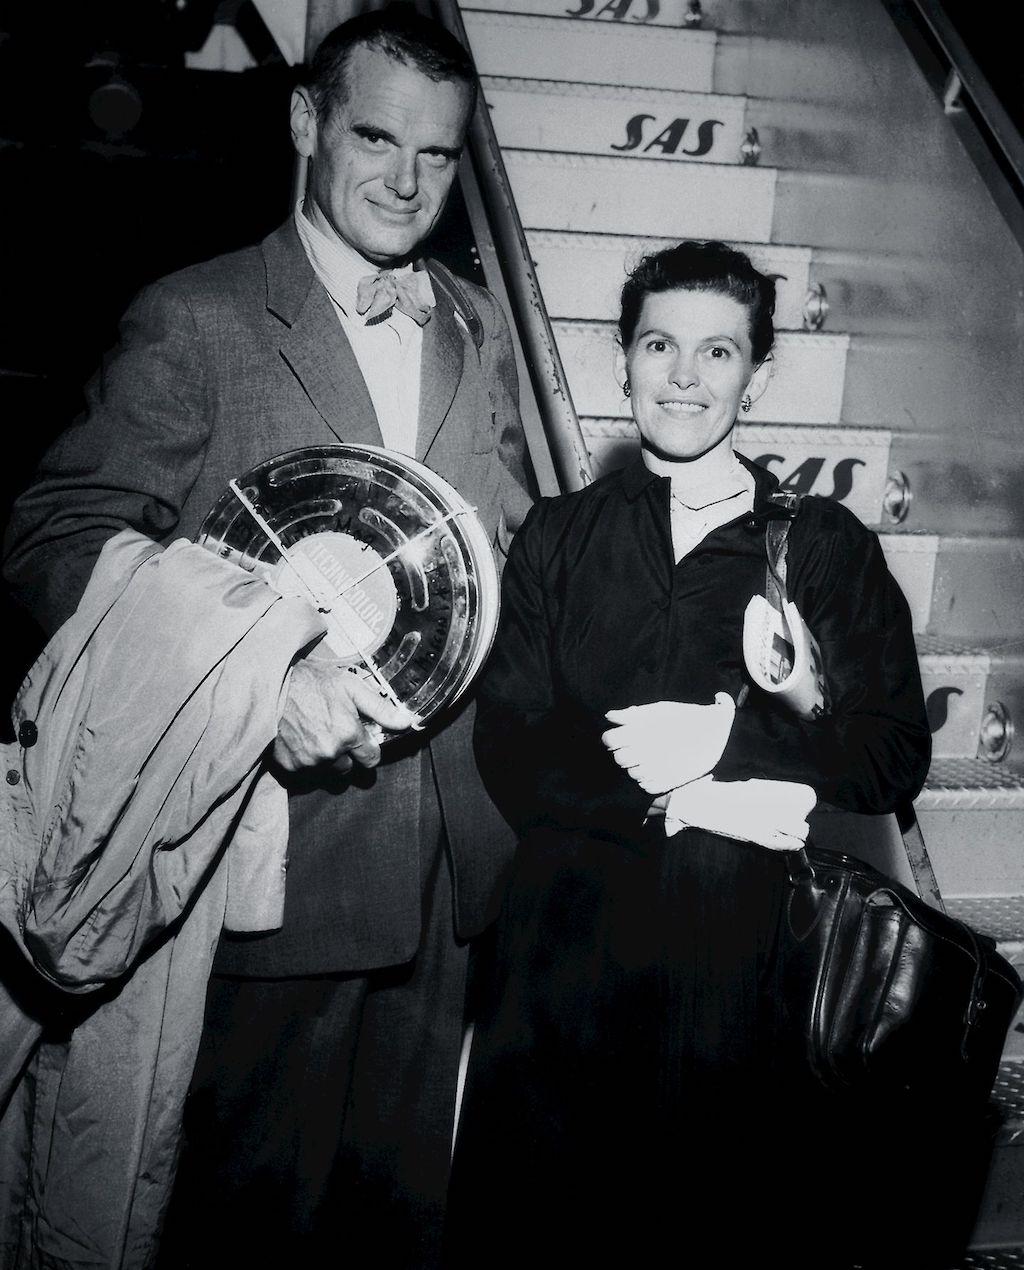 Vitra Home Stories: Geschichten aus dem Archiv. Ehepaar Eames vor der Gangway eines alten Flugzeugs